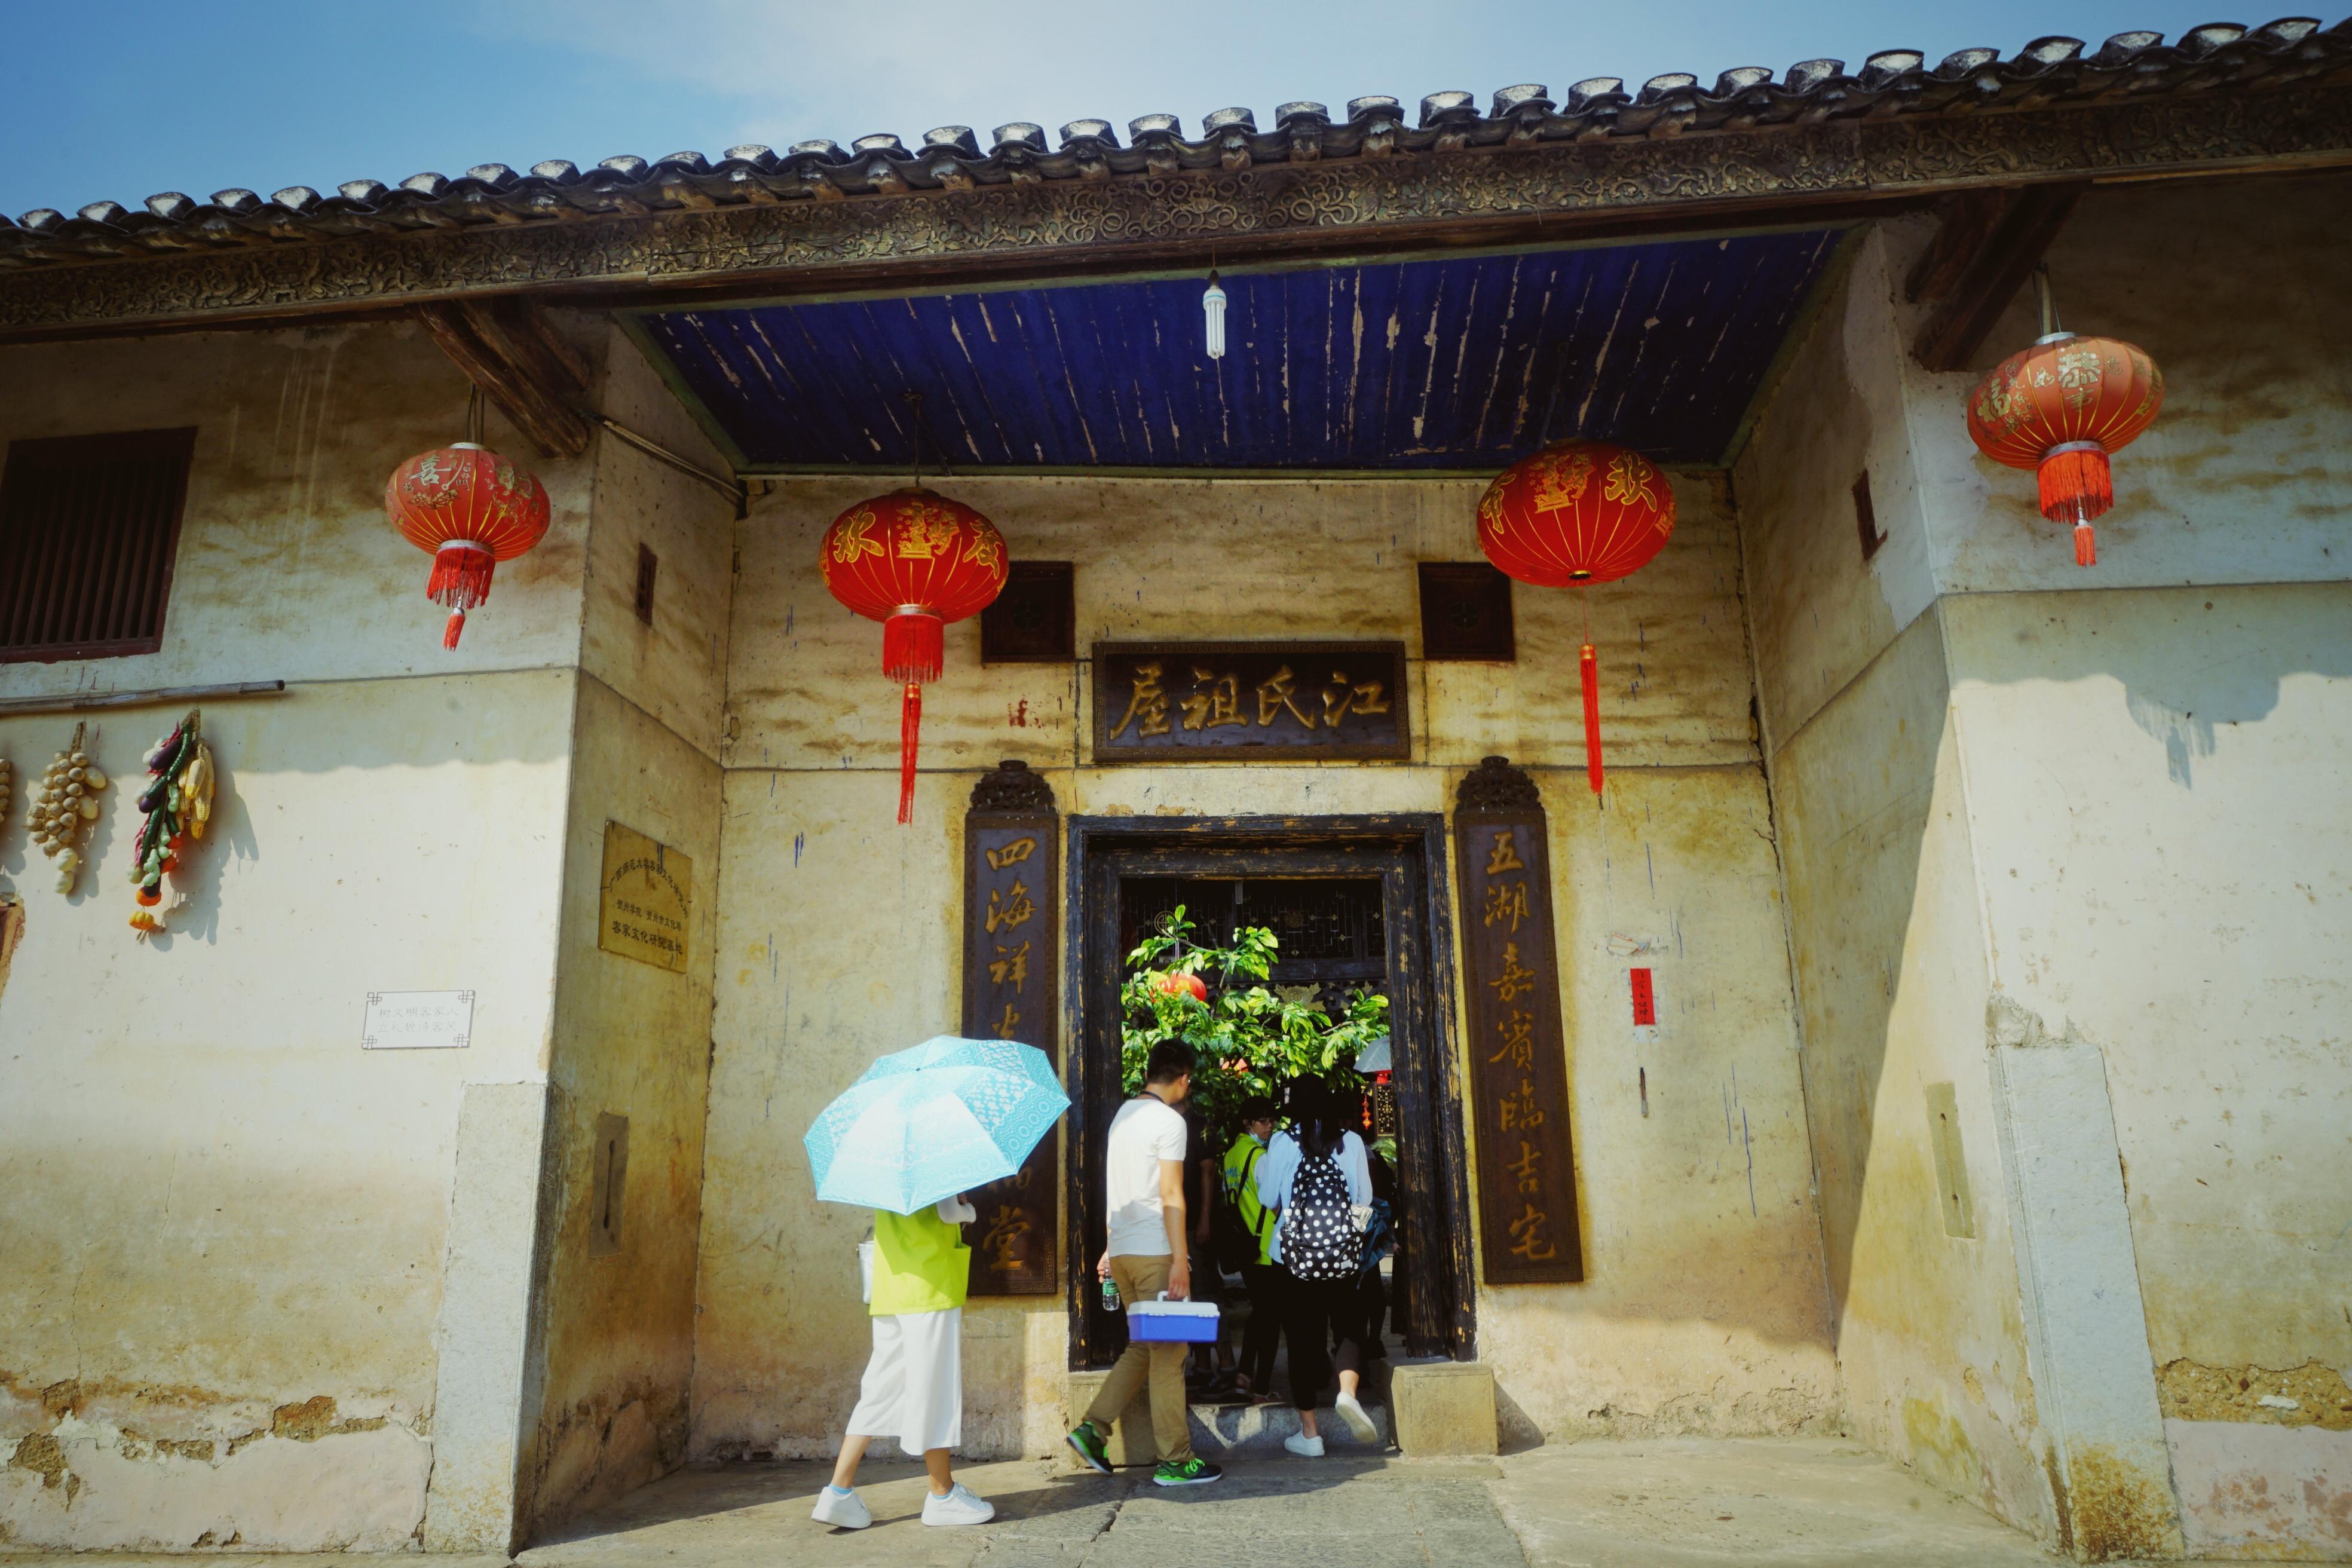 广西贺州客家围屋:设计如迷宫,迷路成了家常便饭!你敢来挑战吗?